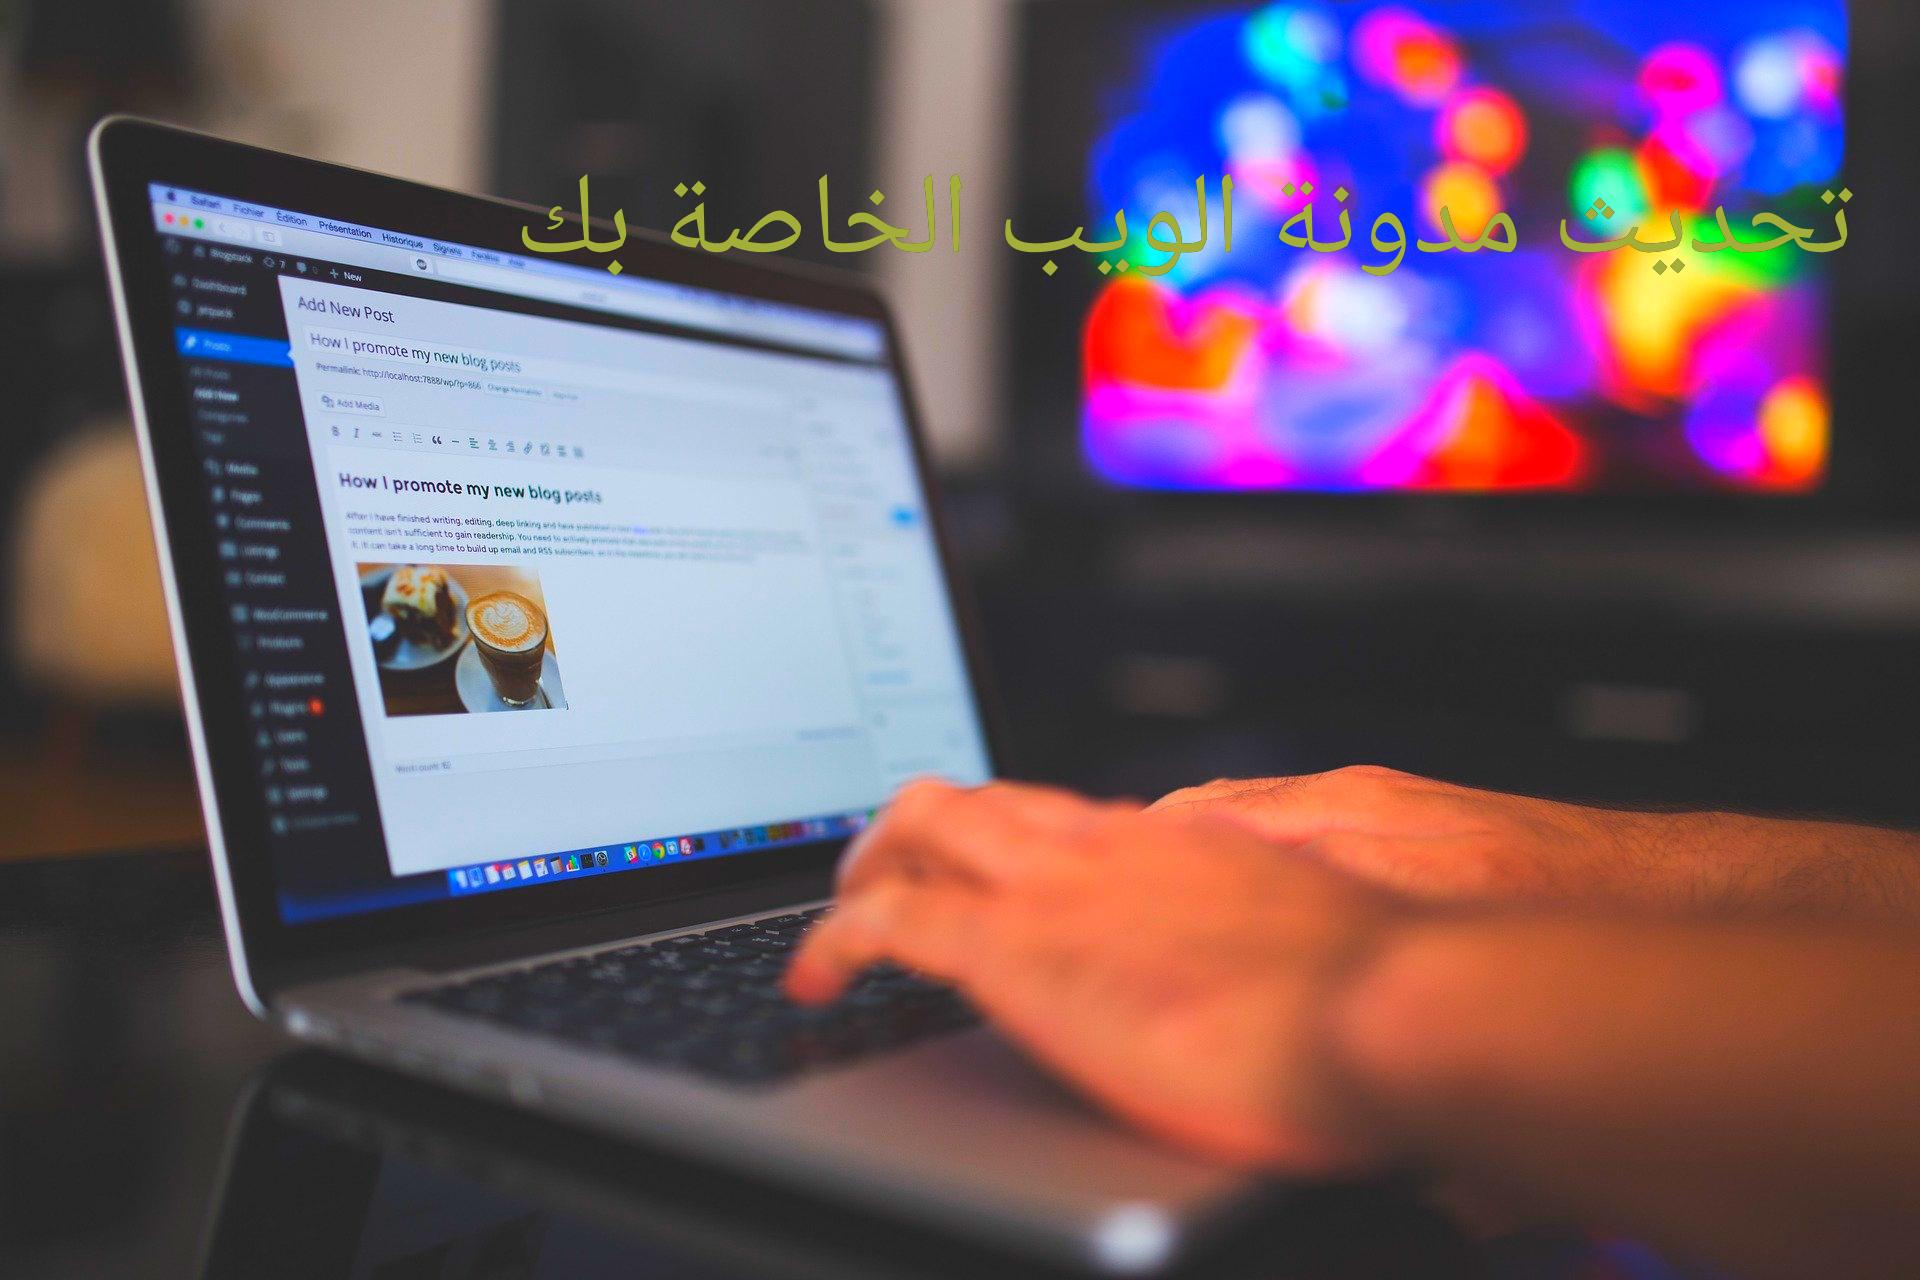 تحديث مدونة الويب الخاصة بك